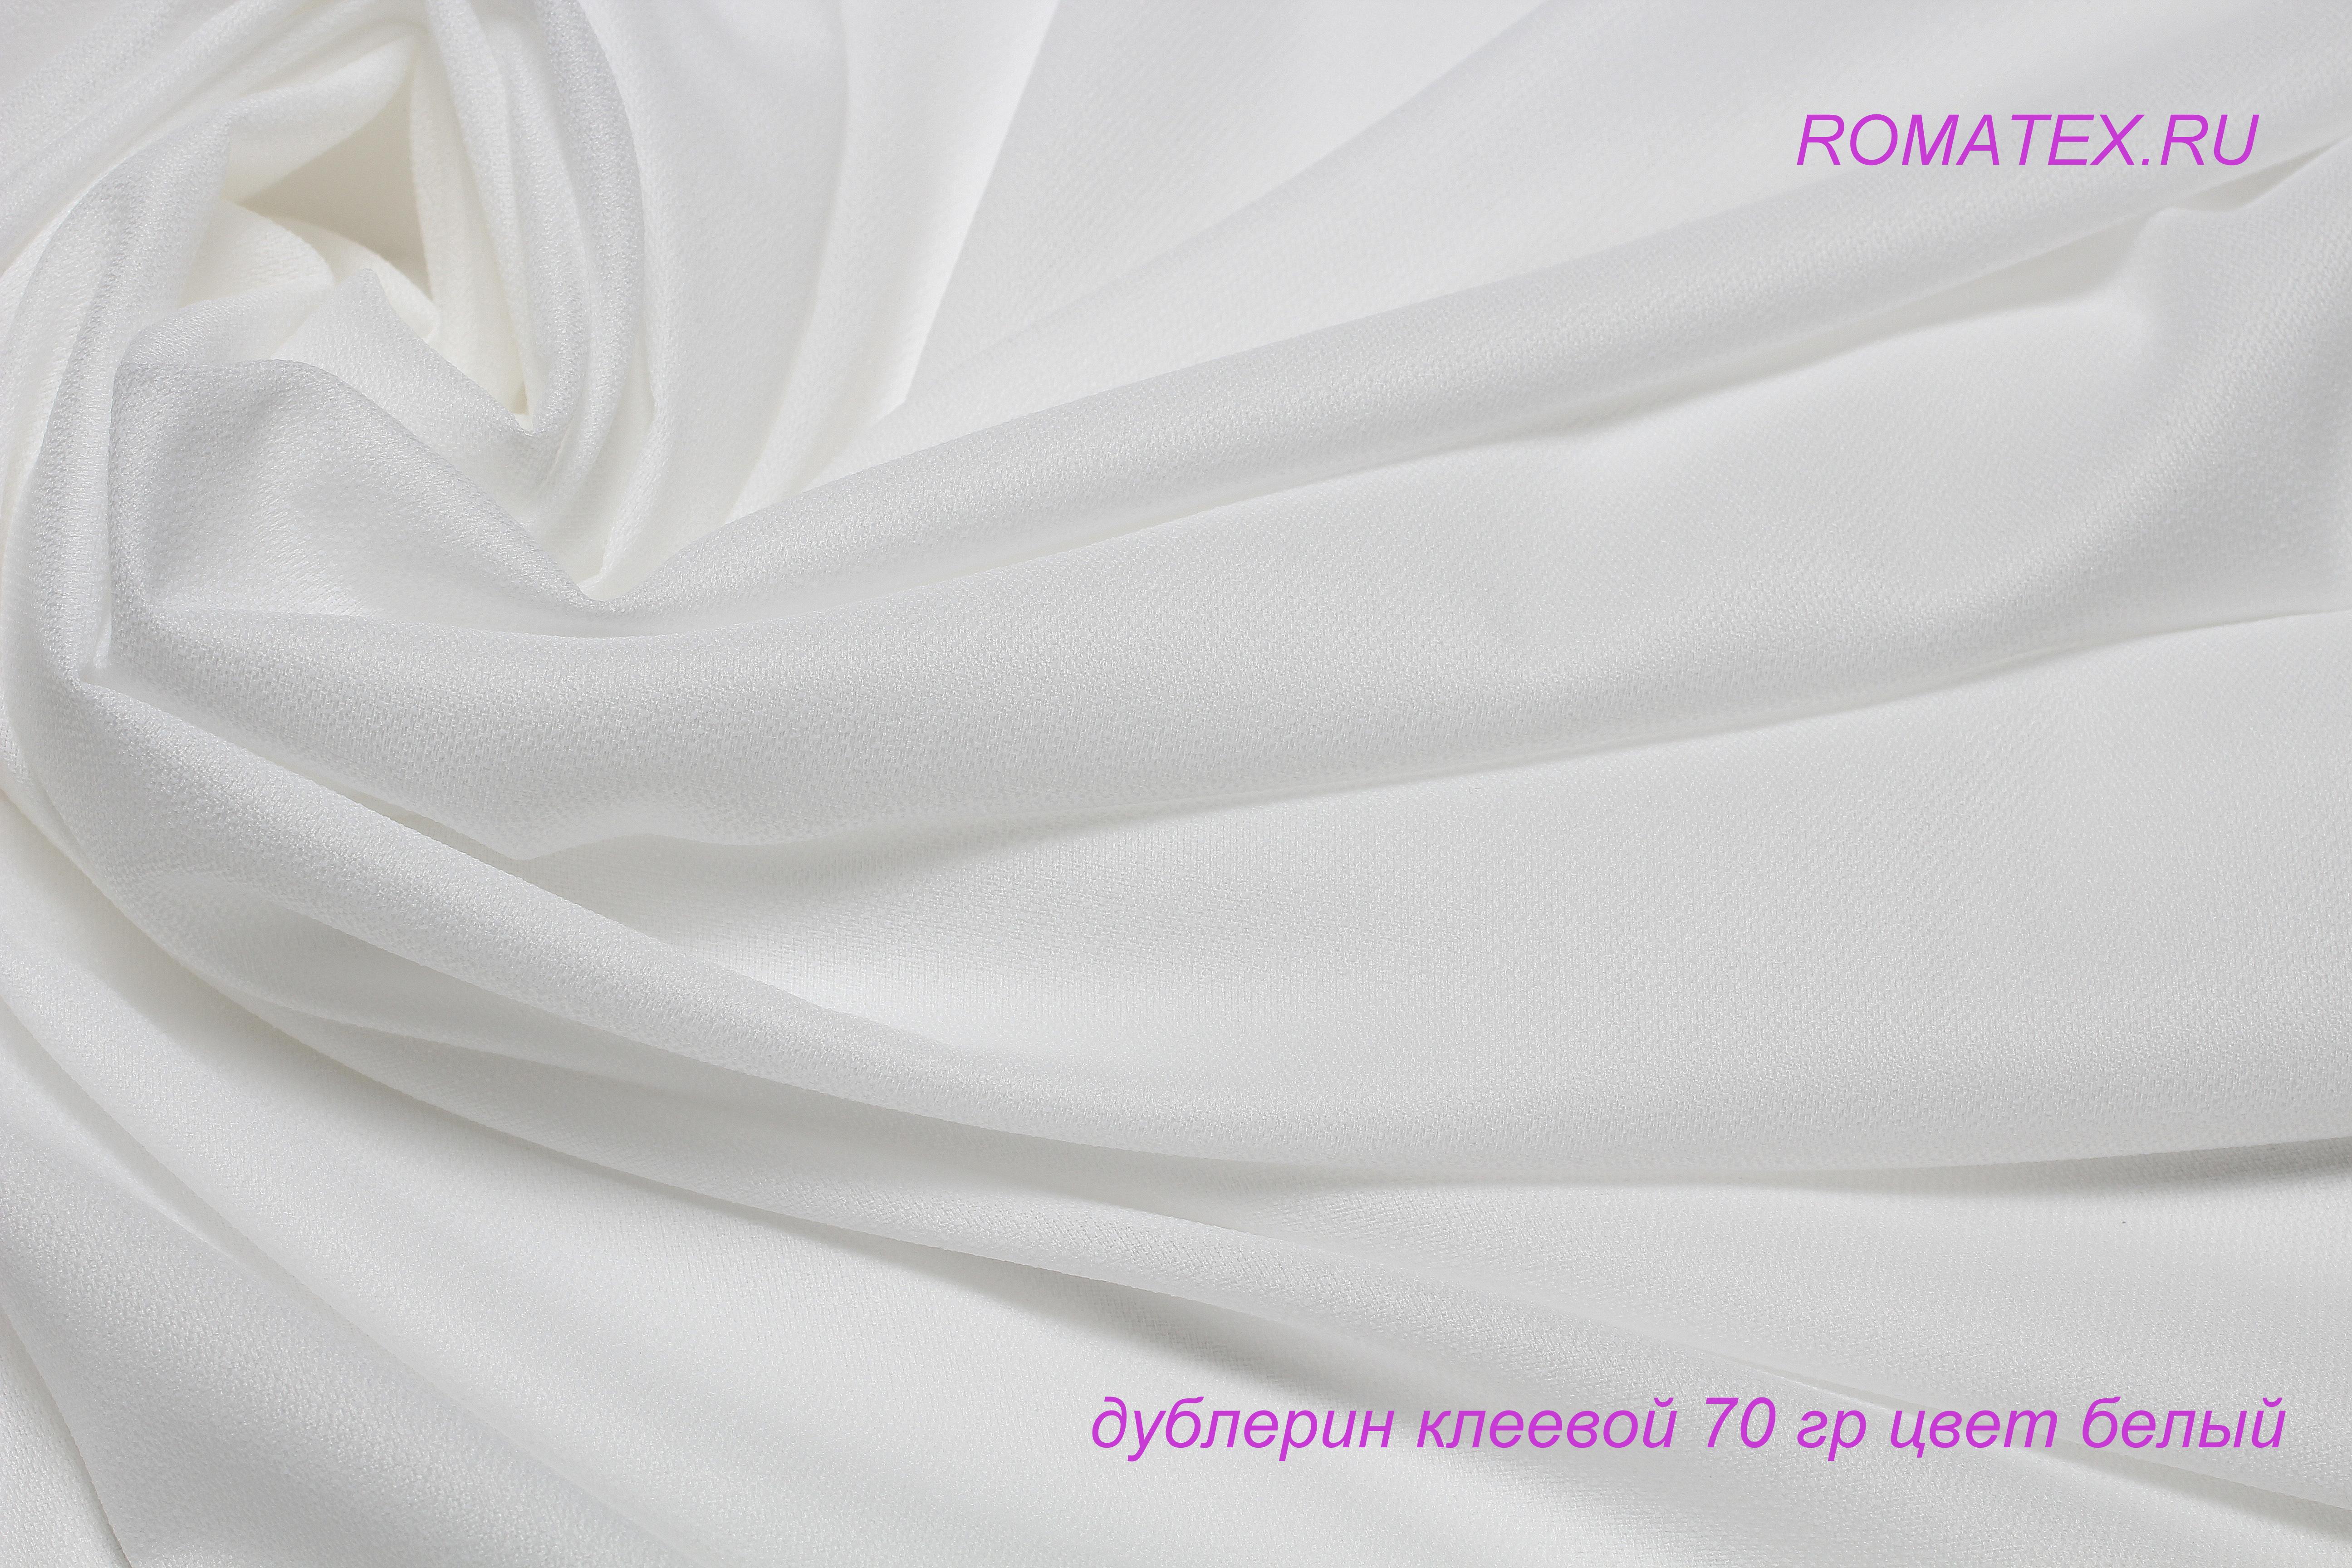 Дублерин клеевой плотность 70, цвет белый